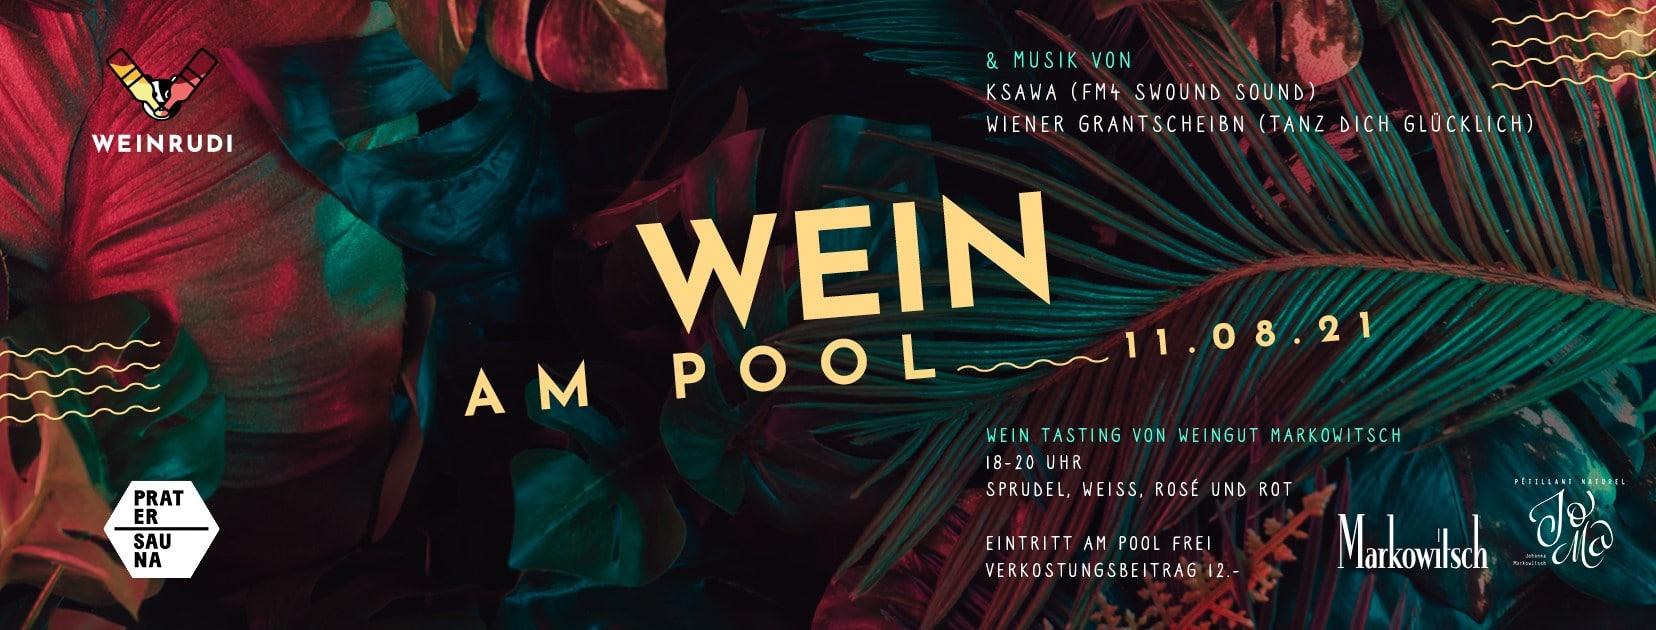 Events Wien: WEIN am Pool/Open air/Markowitsch